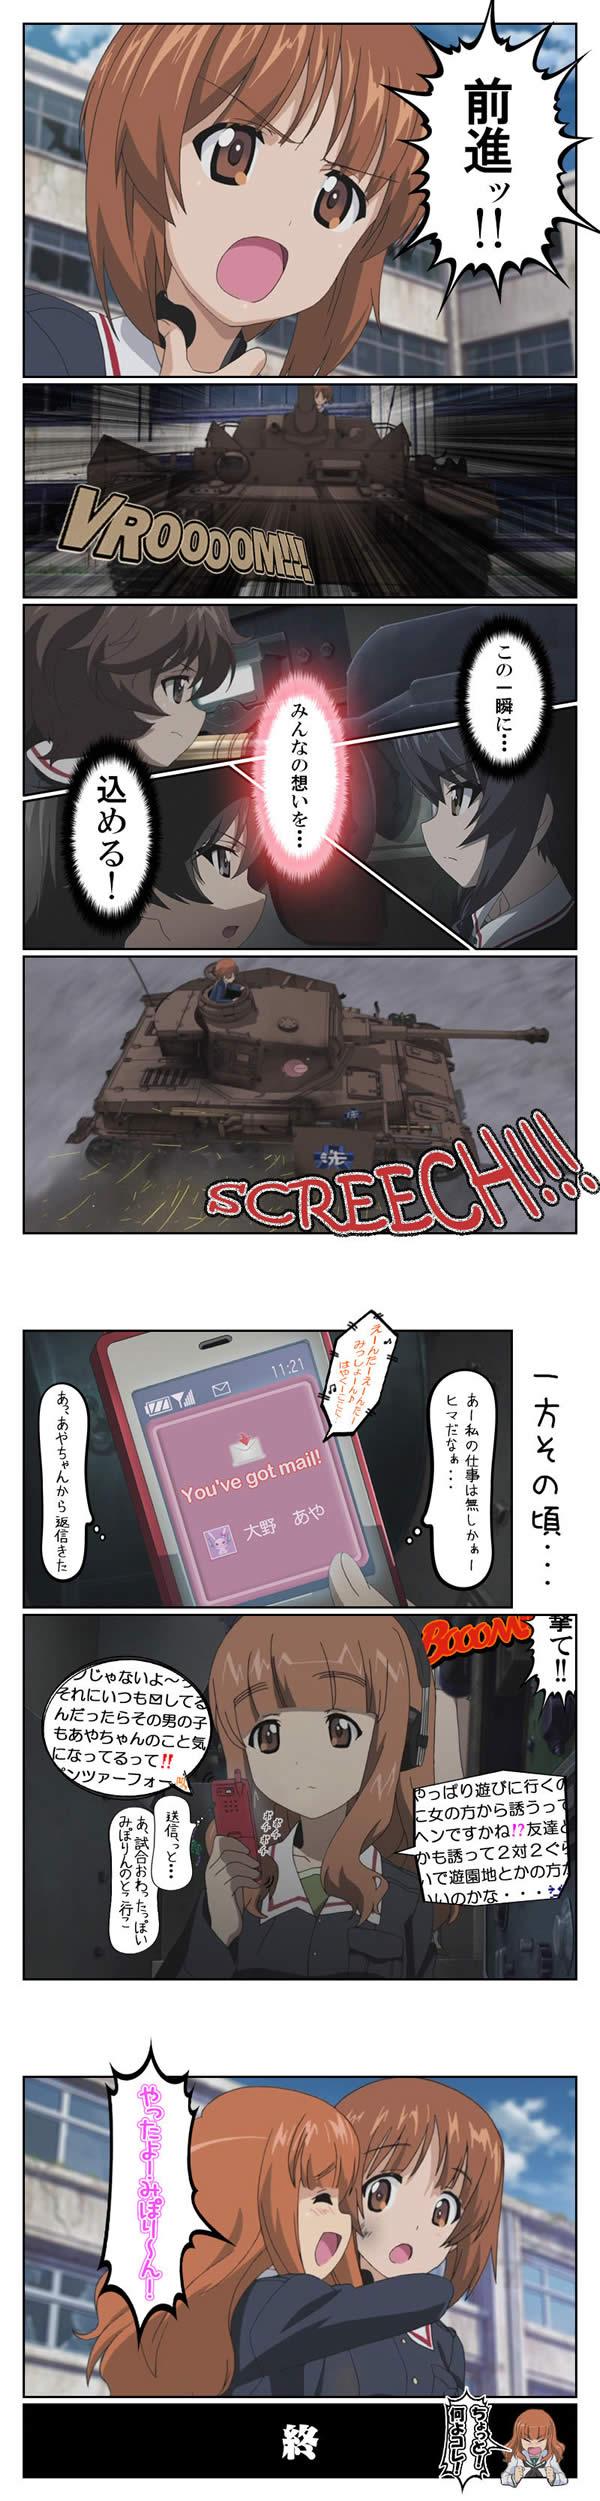 ガールズ&パンツァー TV版最終決戦 武部沙織 役割 漫画